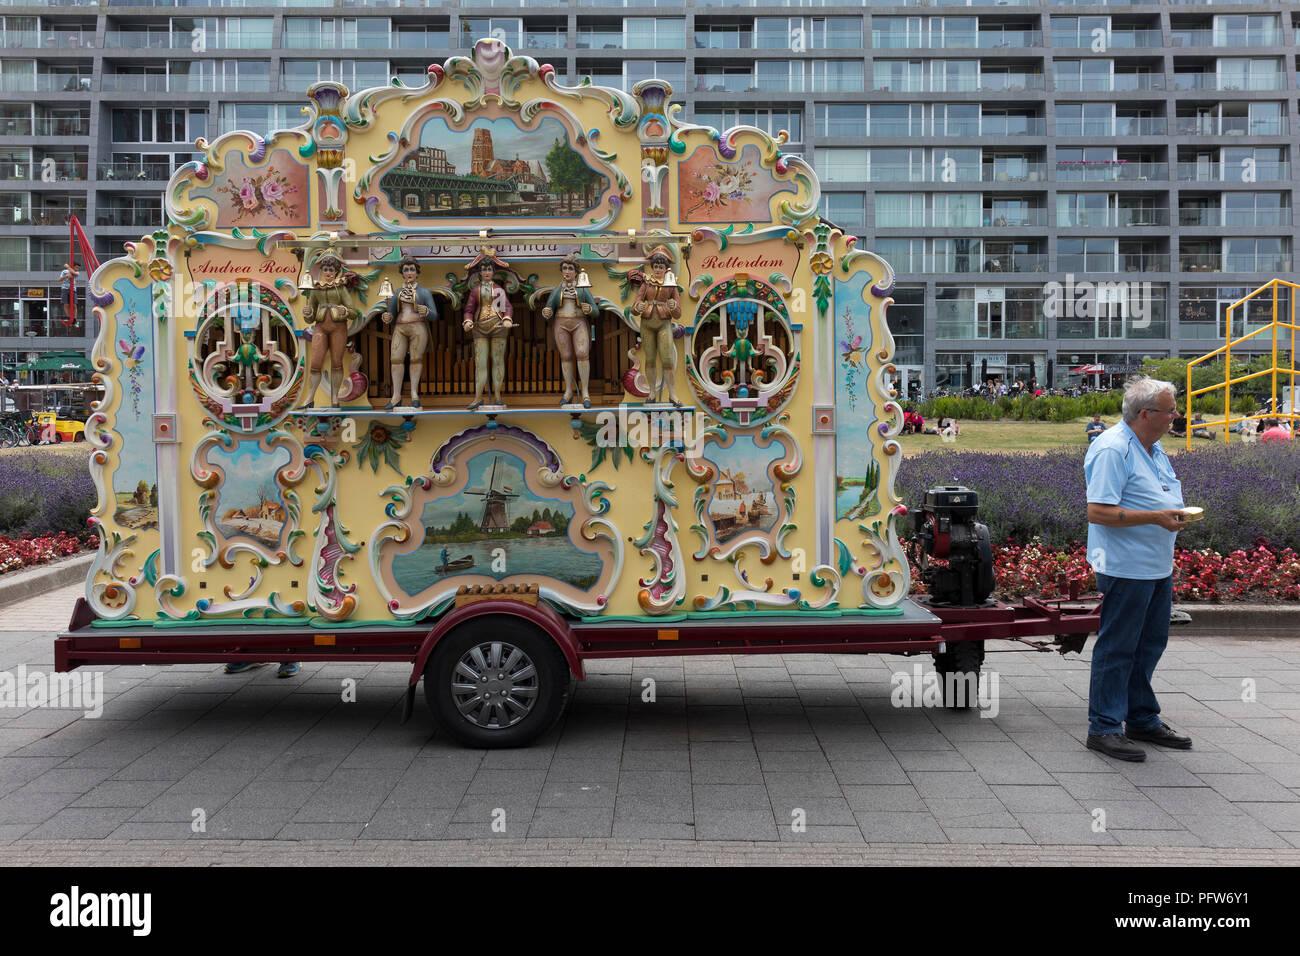 Rotterdam, Niederlande - 7. Juli 2018: traditionelle holländische Straße Drehorgel mit dem Namen Rosalinda im Sommer vor den Apartments Stockbild